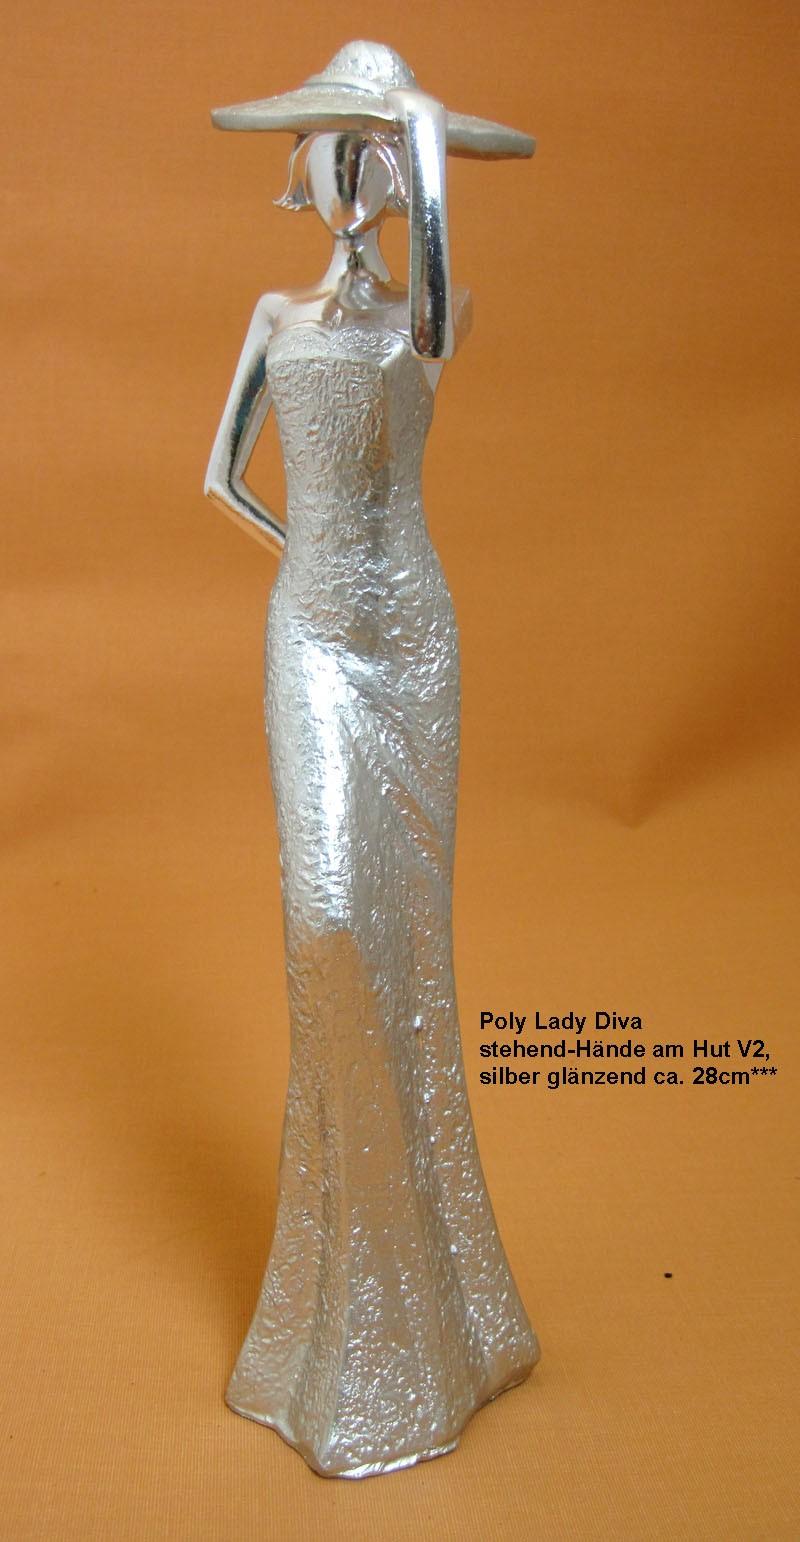 Poly Lady Diva stehend-Hände am Hut V2, silber glänzend ca. 30cm